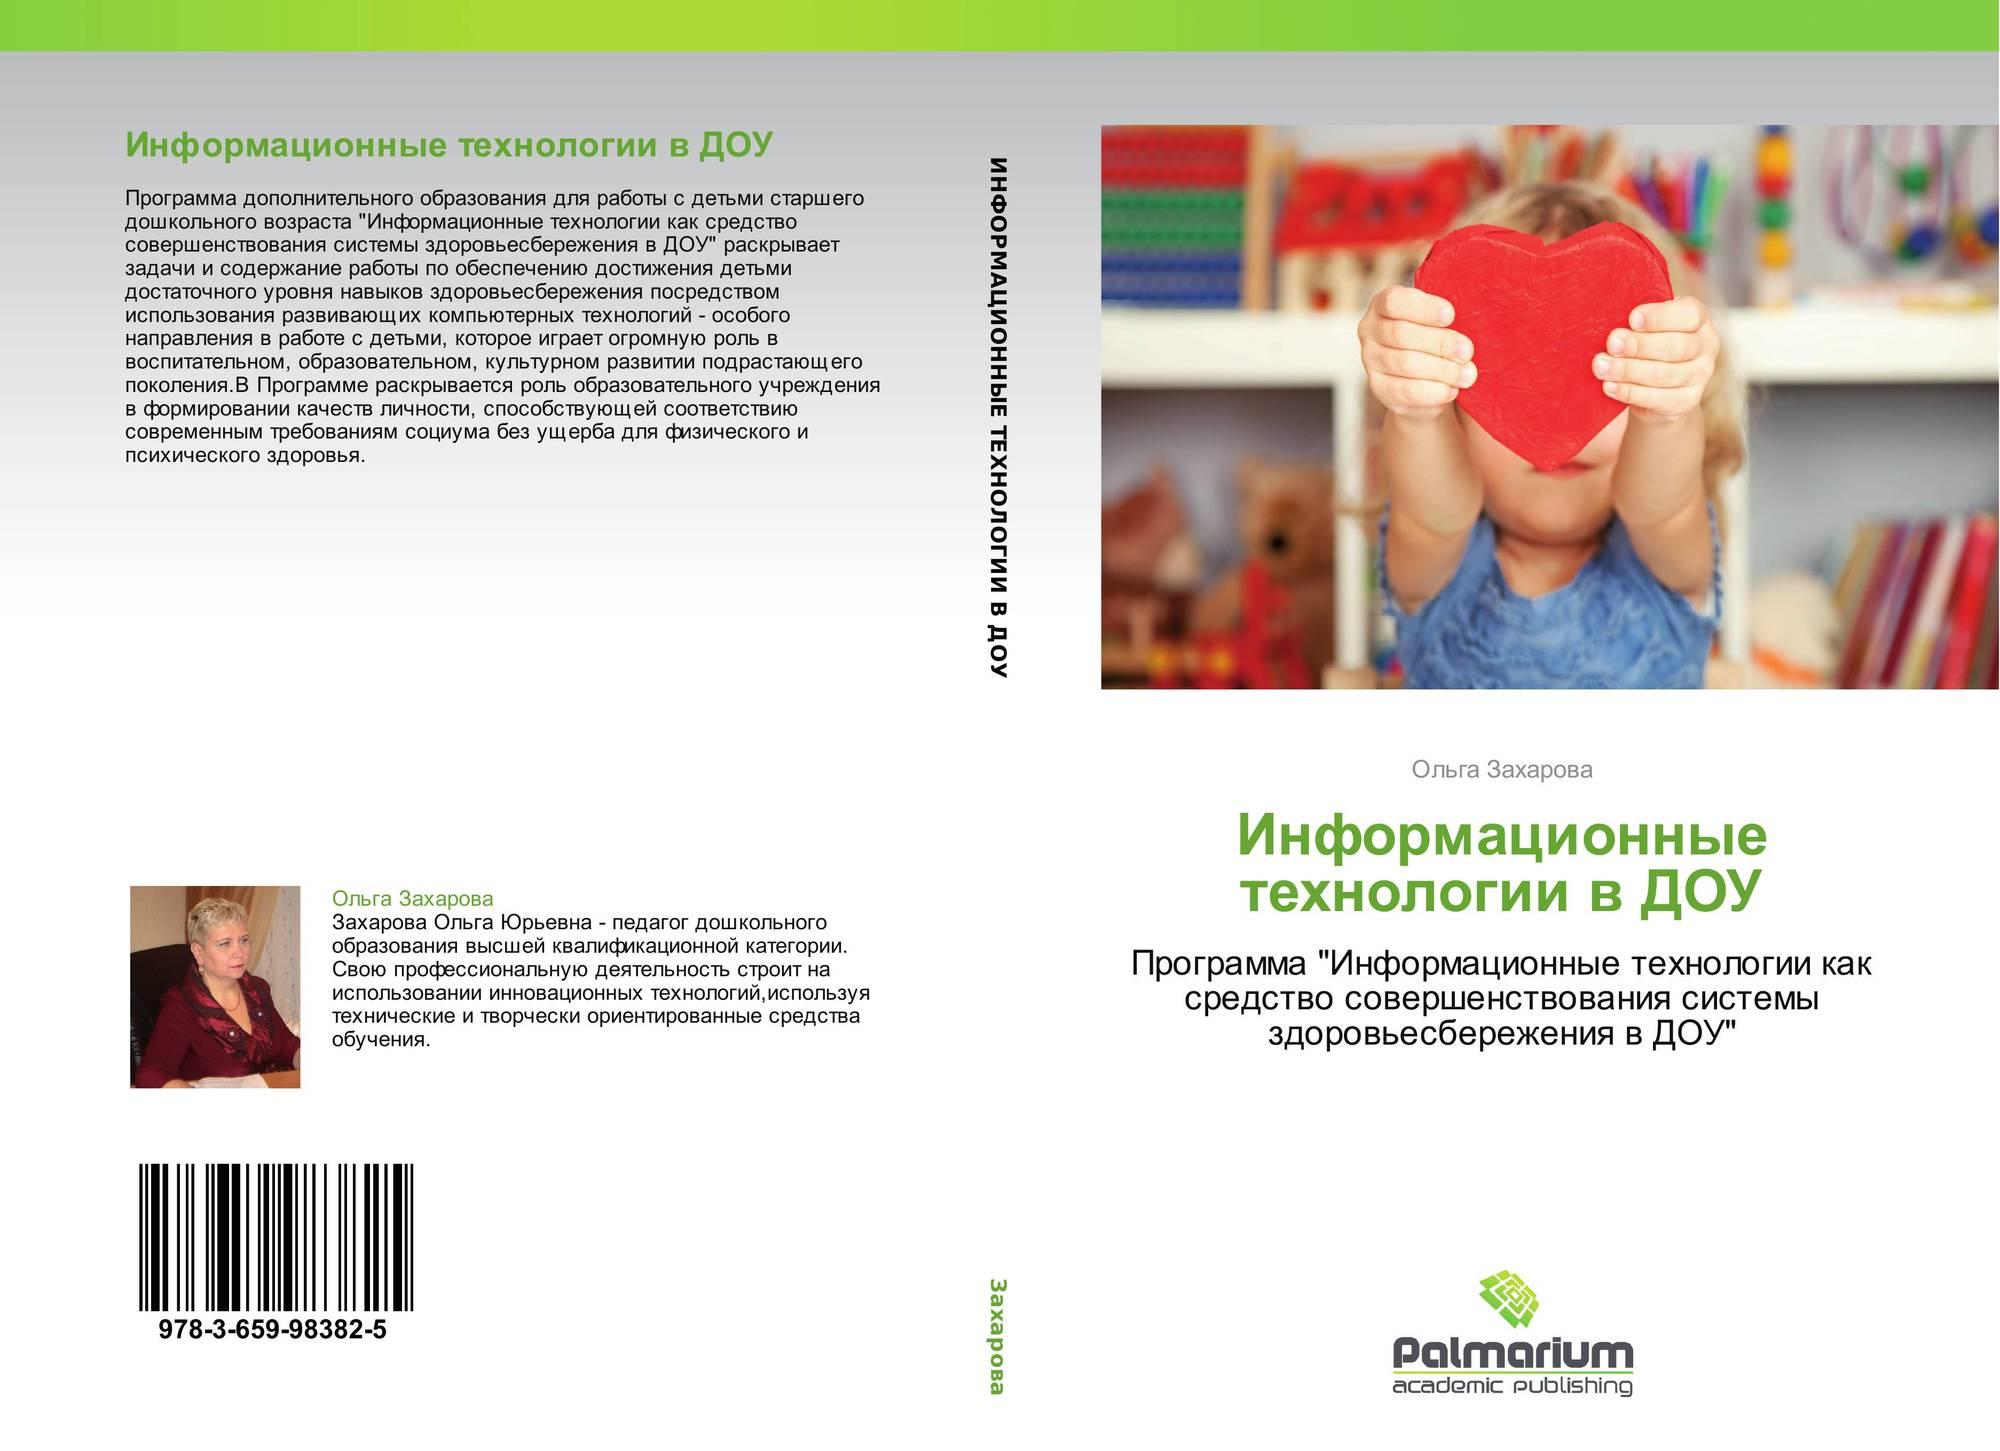 Информационные технологии на рынке forex forexbody money printer ea